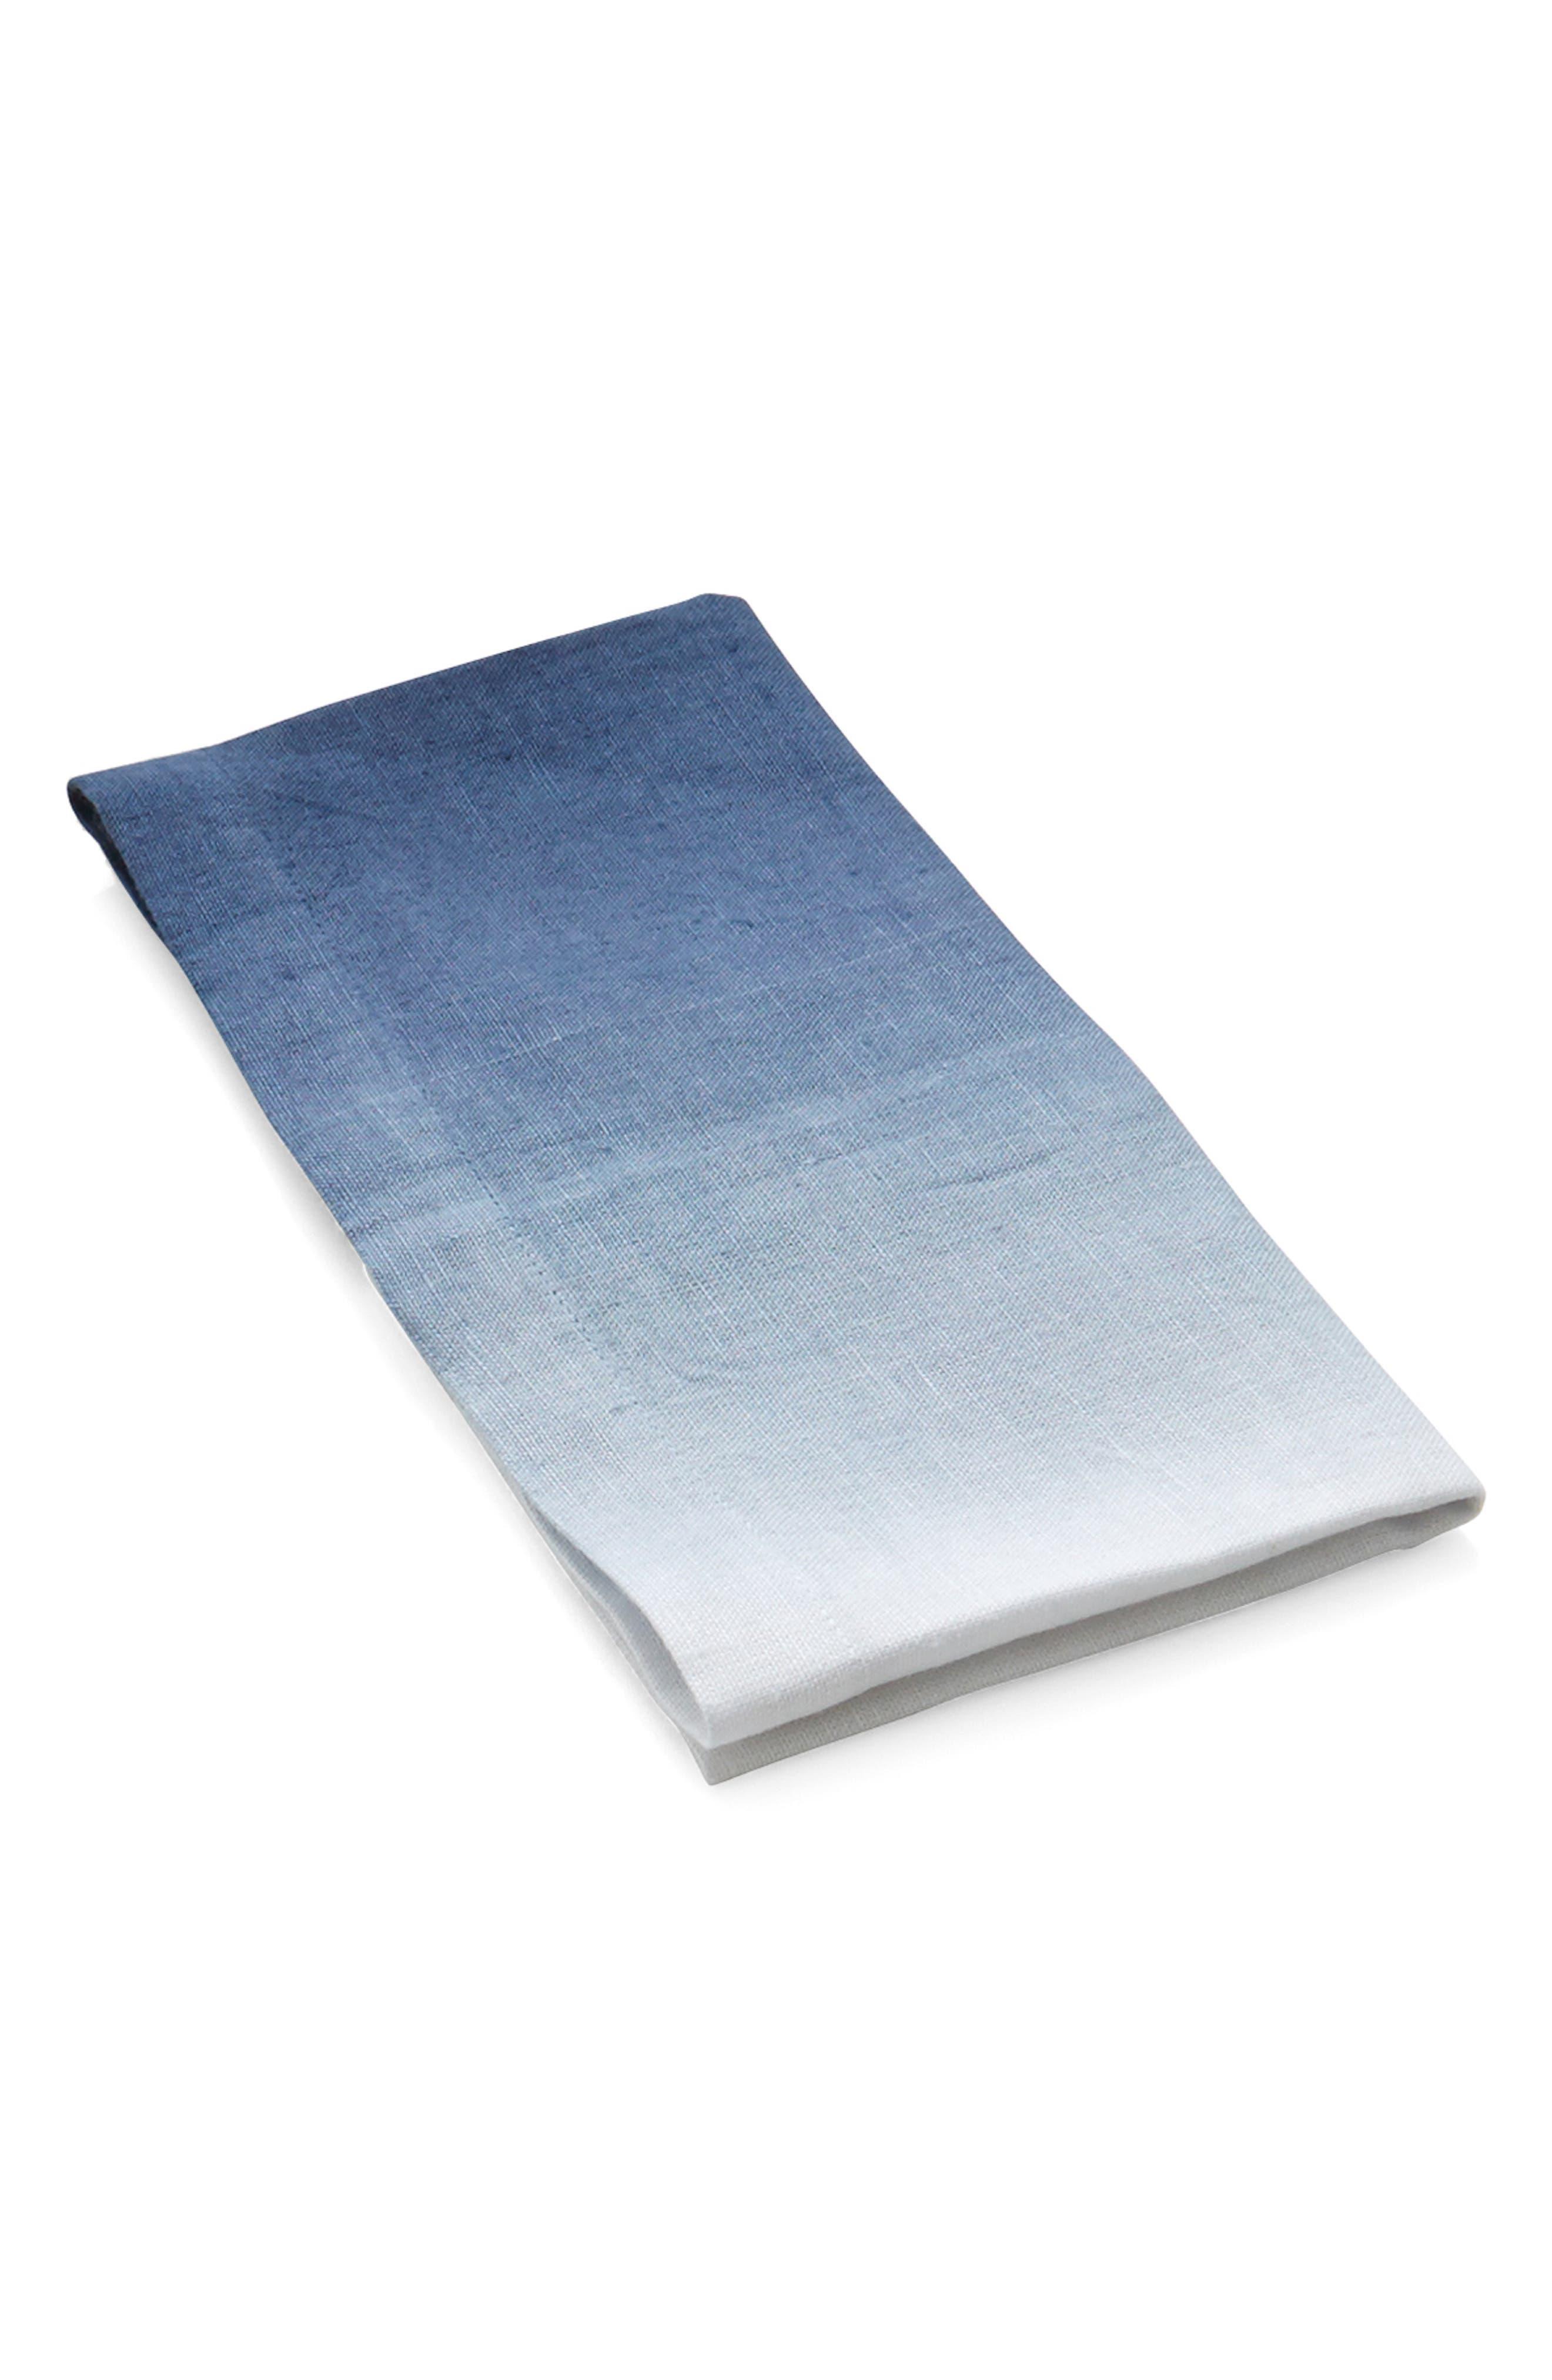 Set of 4 Ombré Linen Napkins,                             Main thumbnail 1, color,                             BLUE